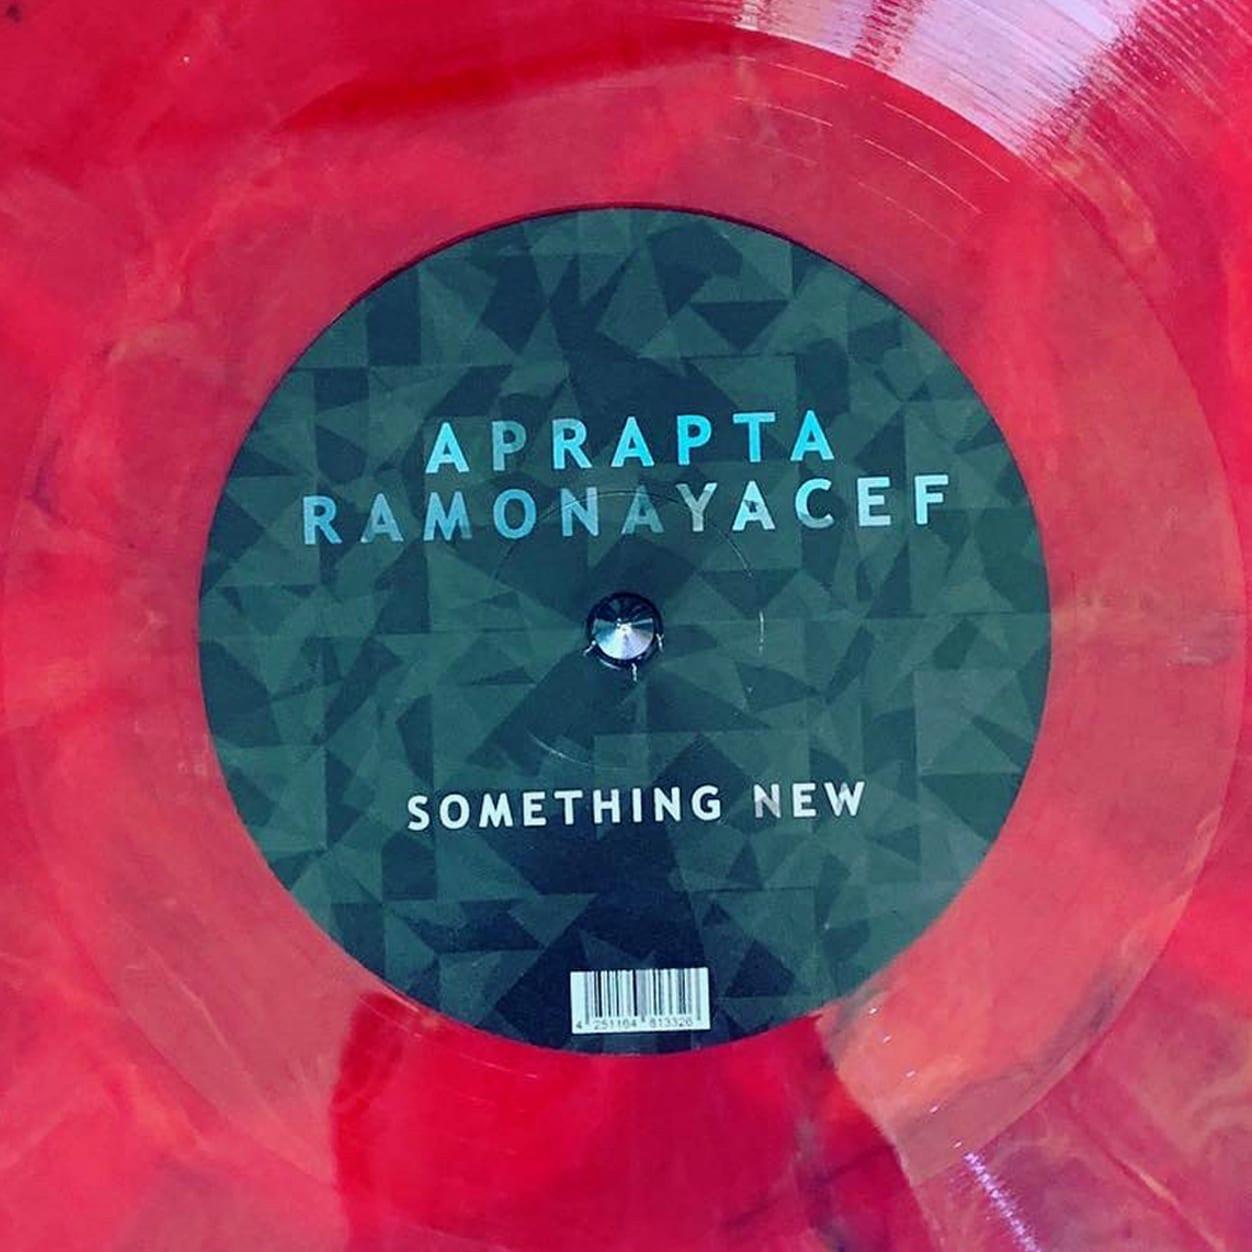 Aprapta and Ramona Yacef - Something New - cover edit